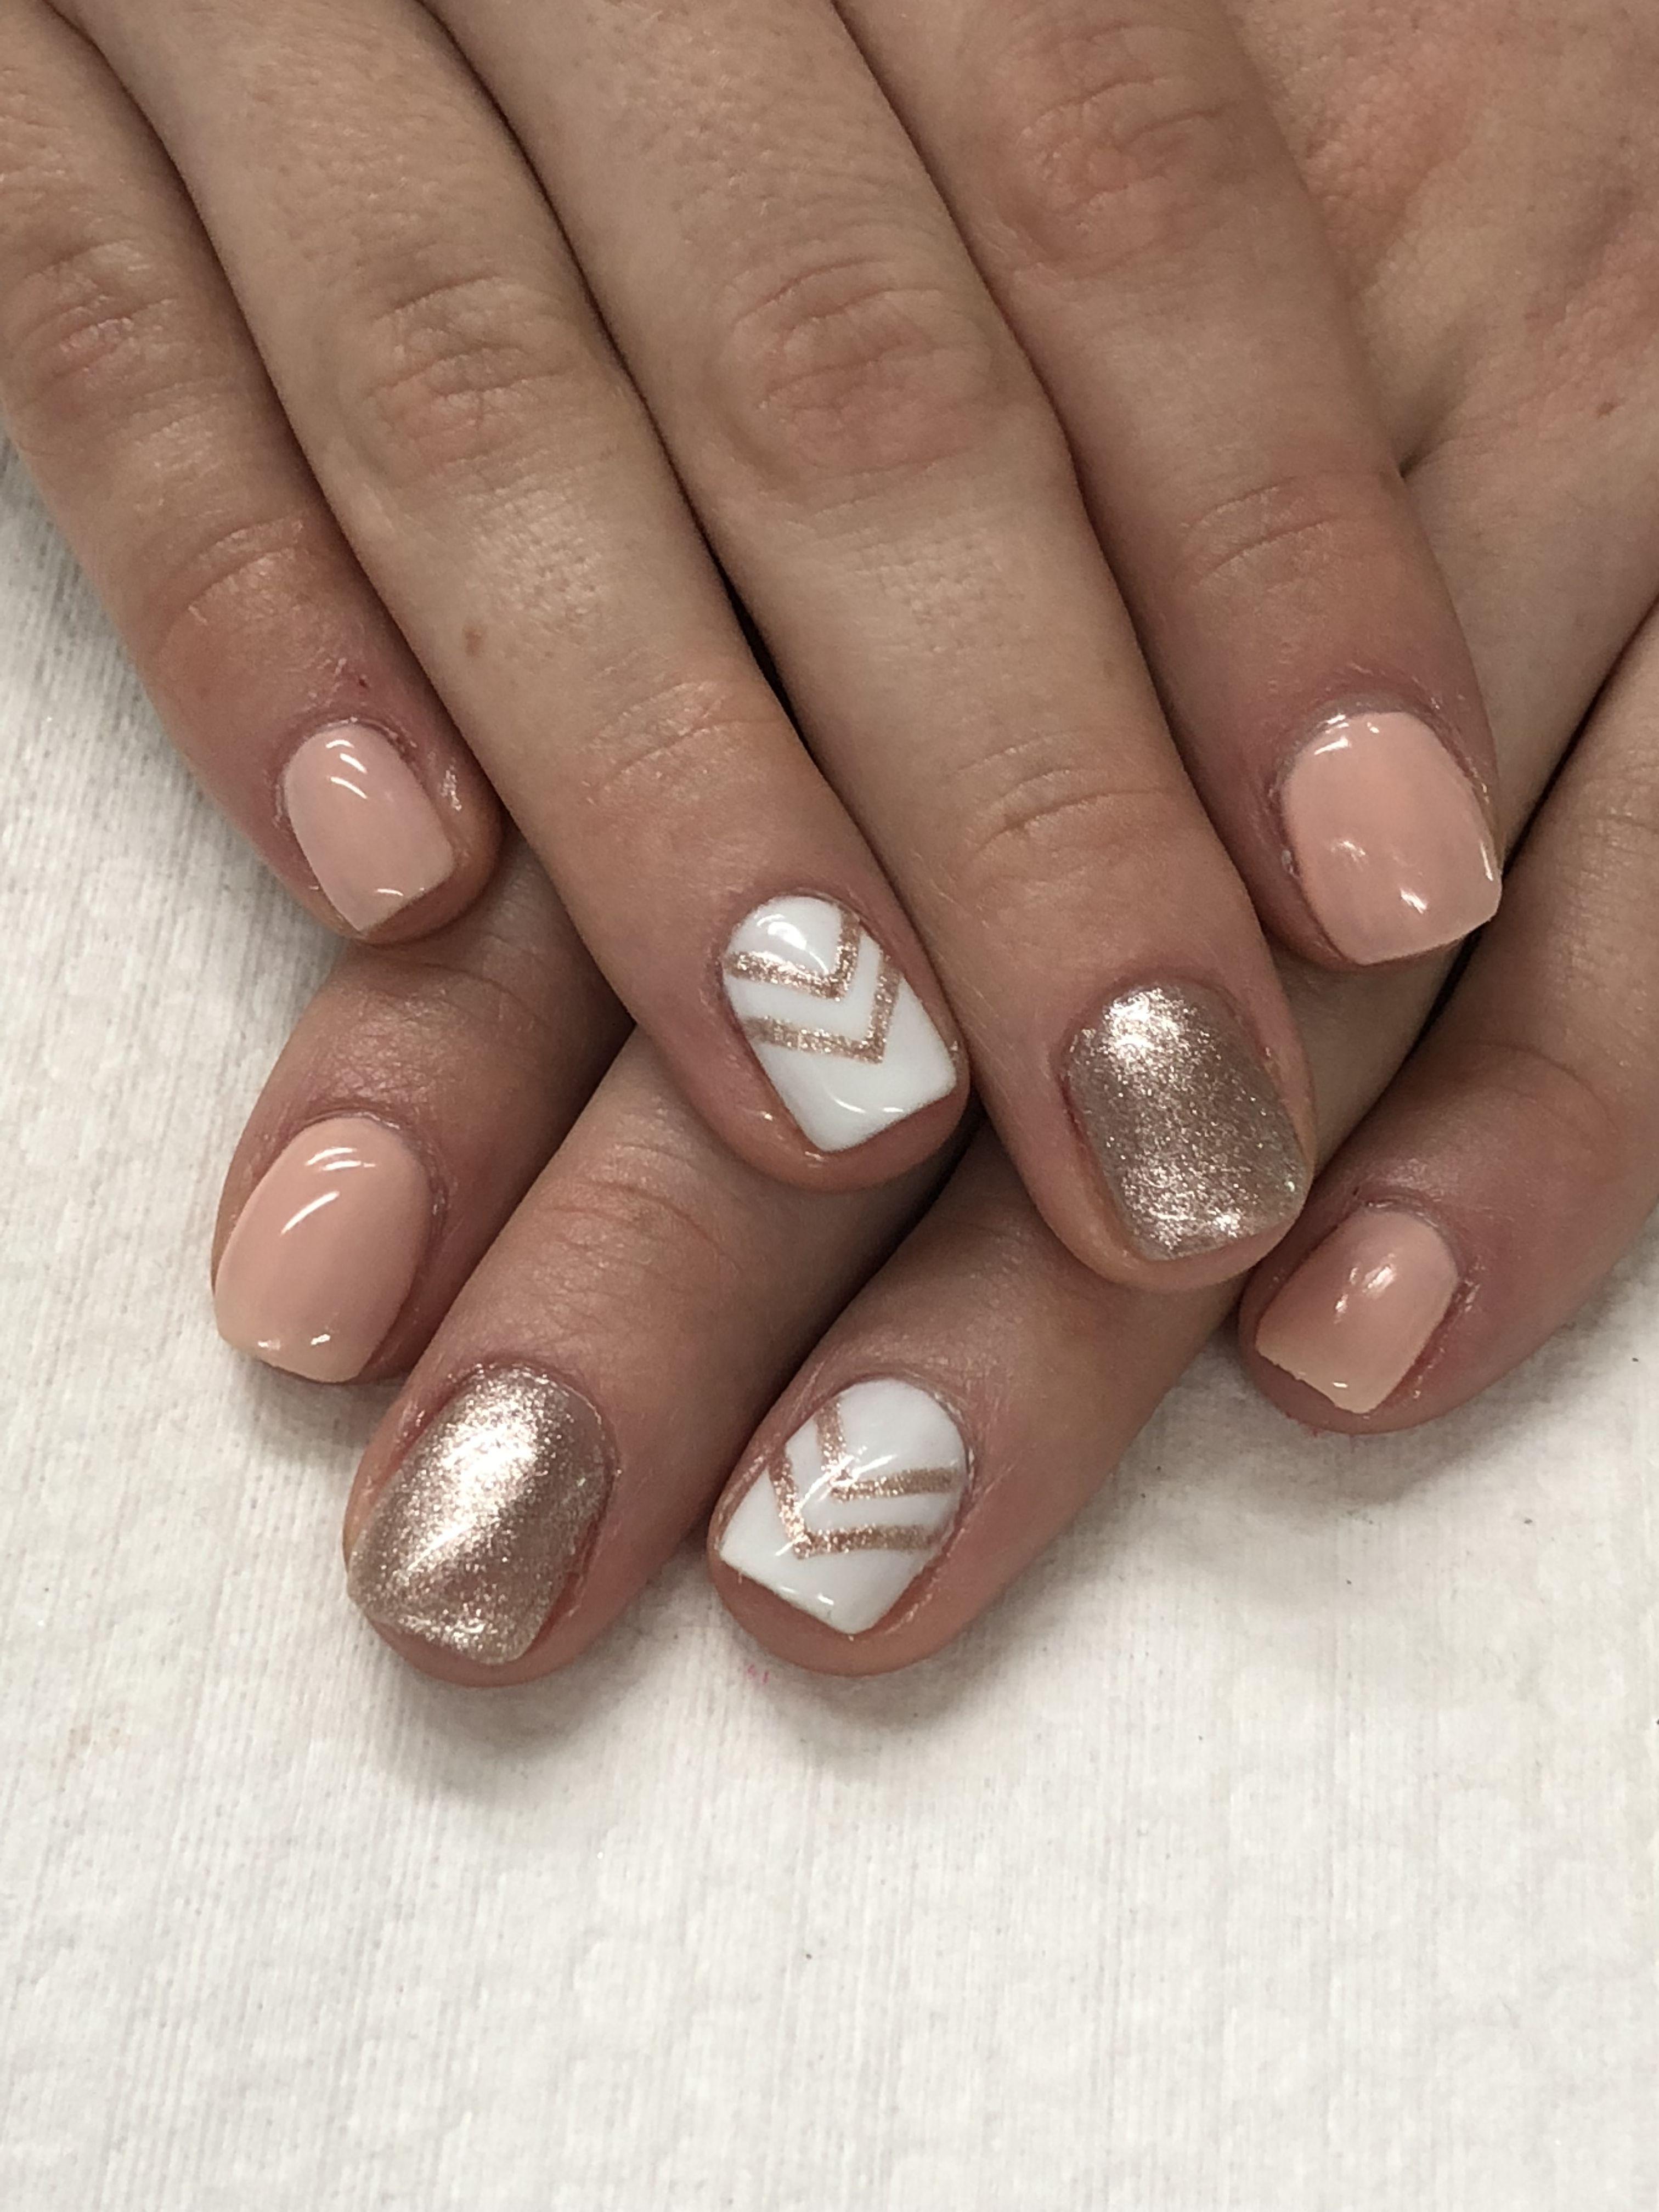 Spring Summer Peach Rose Gold Gel Nails Unas De Gel Doradas Disenos De Unas Unas De Gel